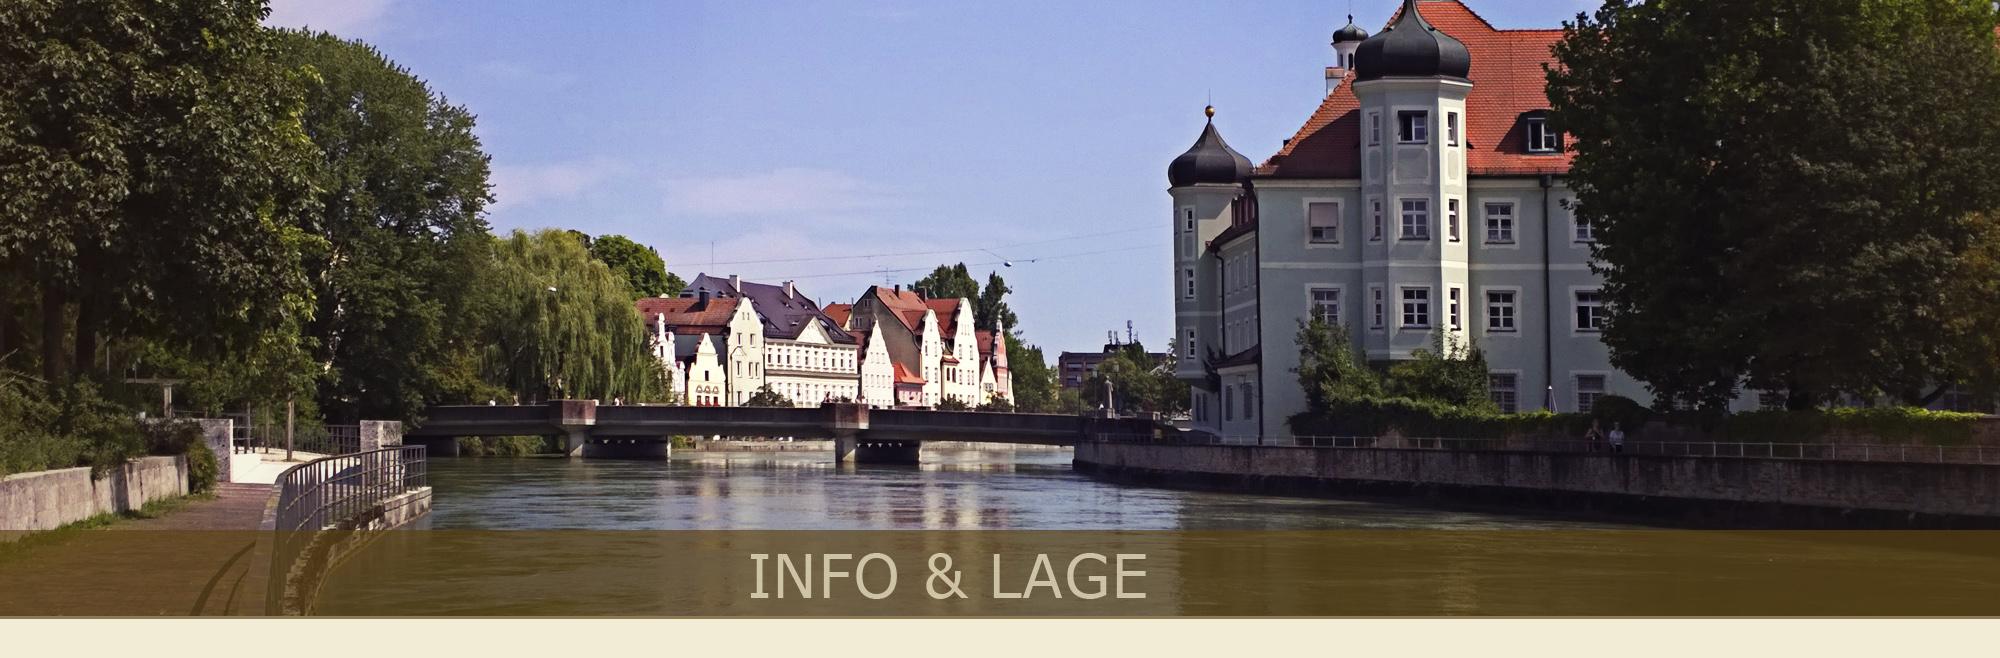 Landshut - Hotel Lifestyle Info und Lage